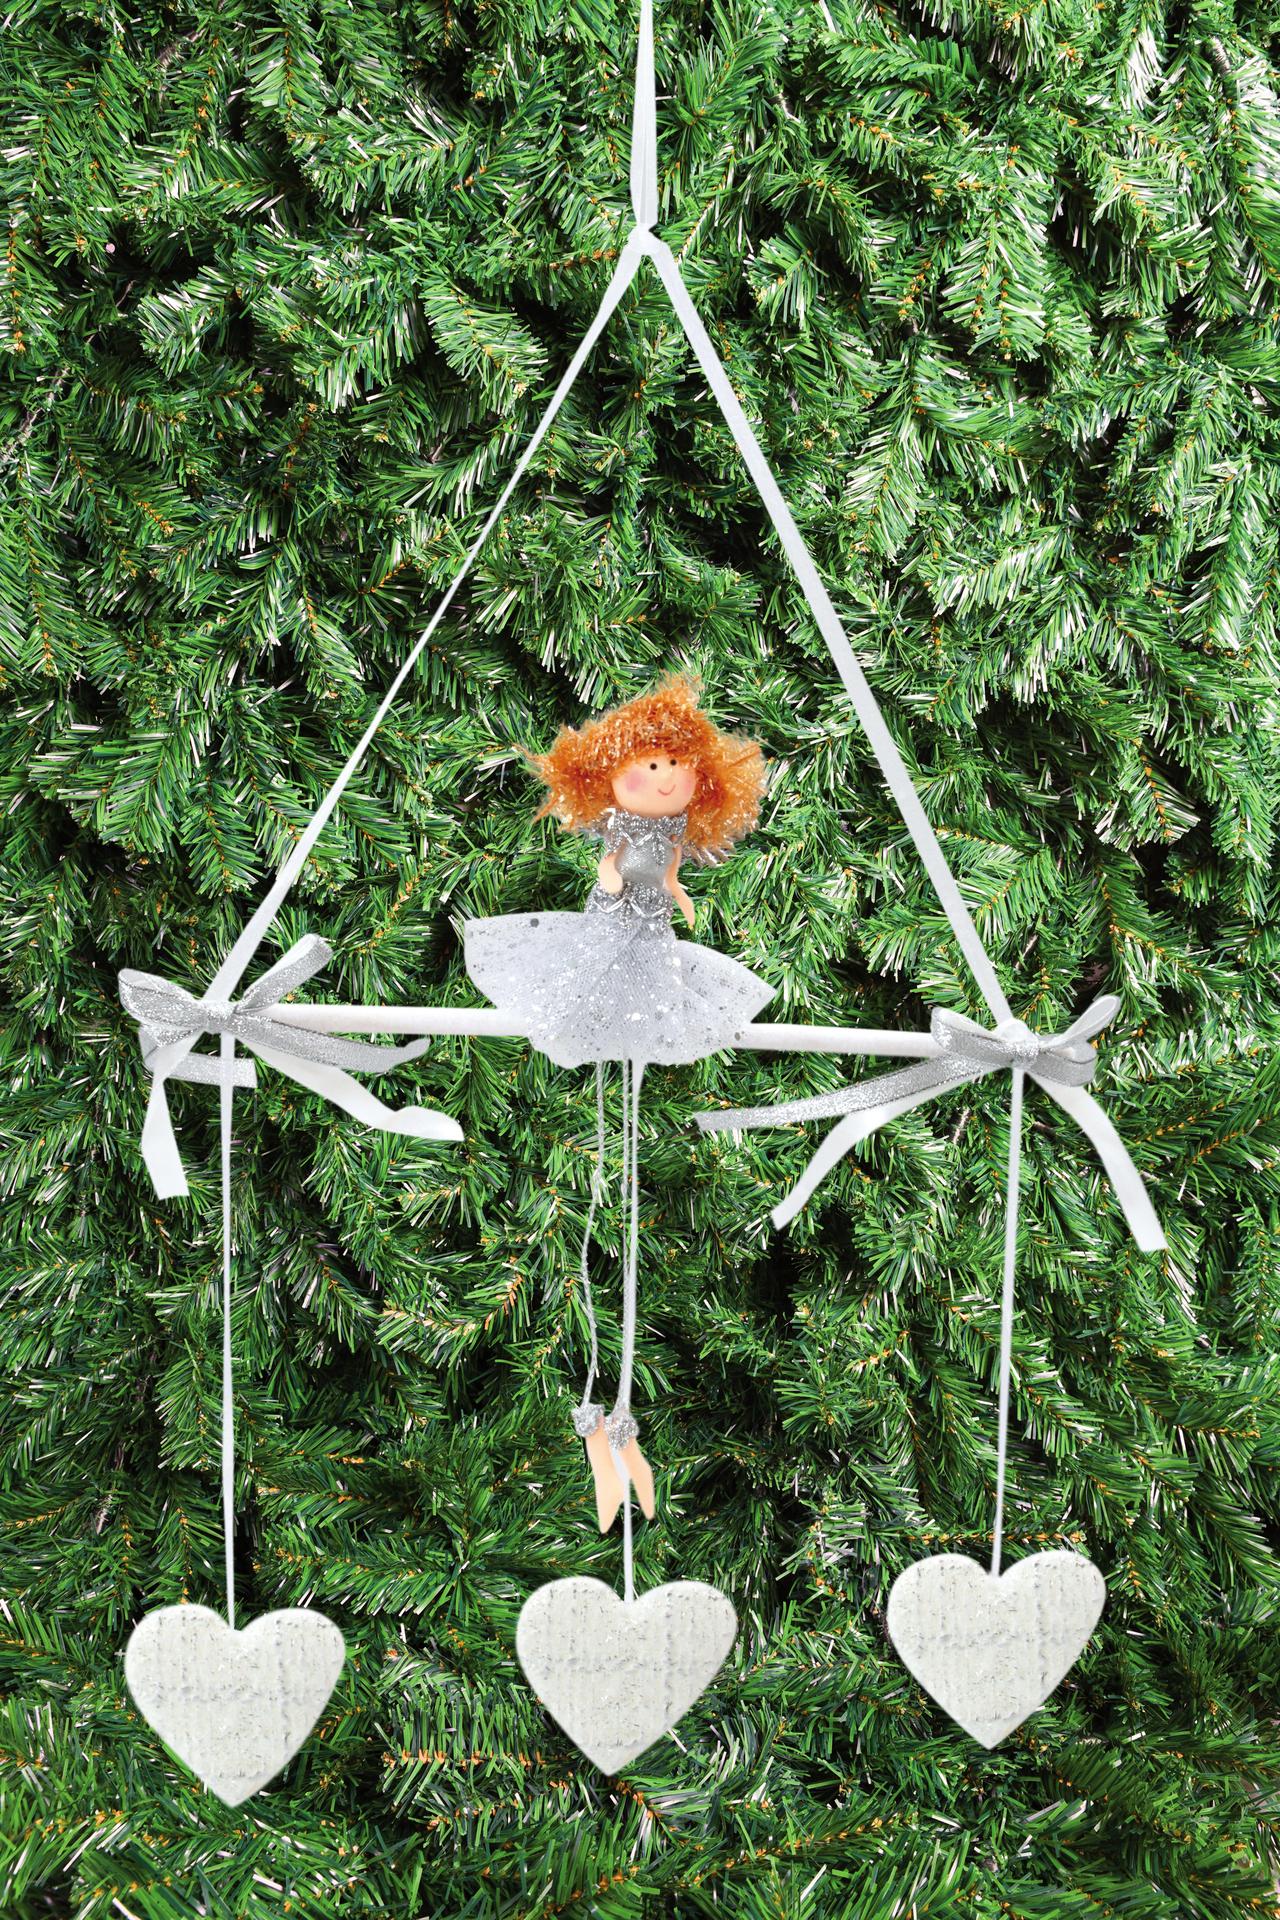 60 cm andělská holčička na houpačce. závěsná prostorová dekorace